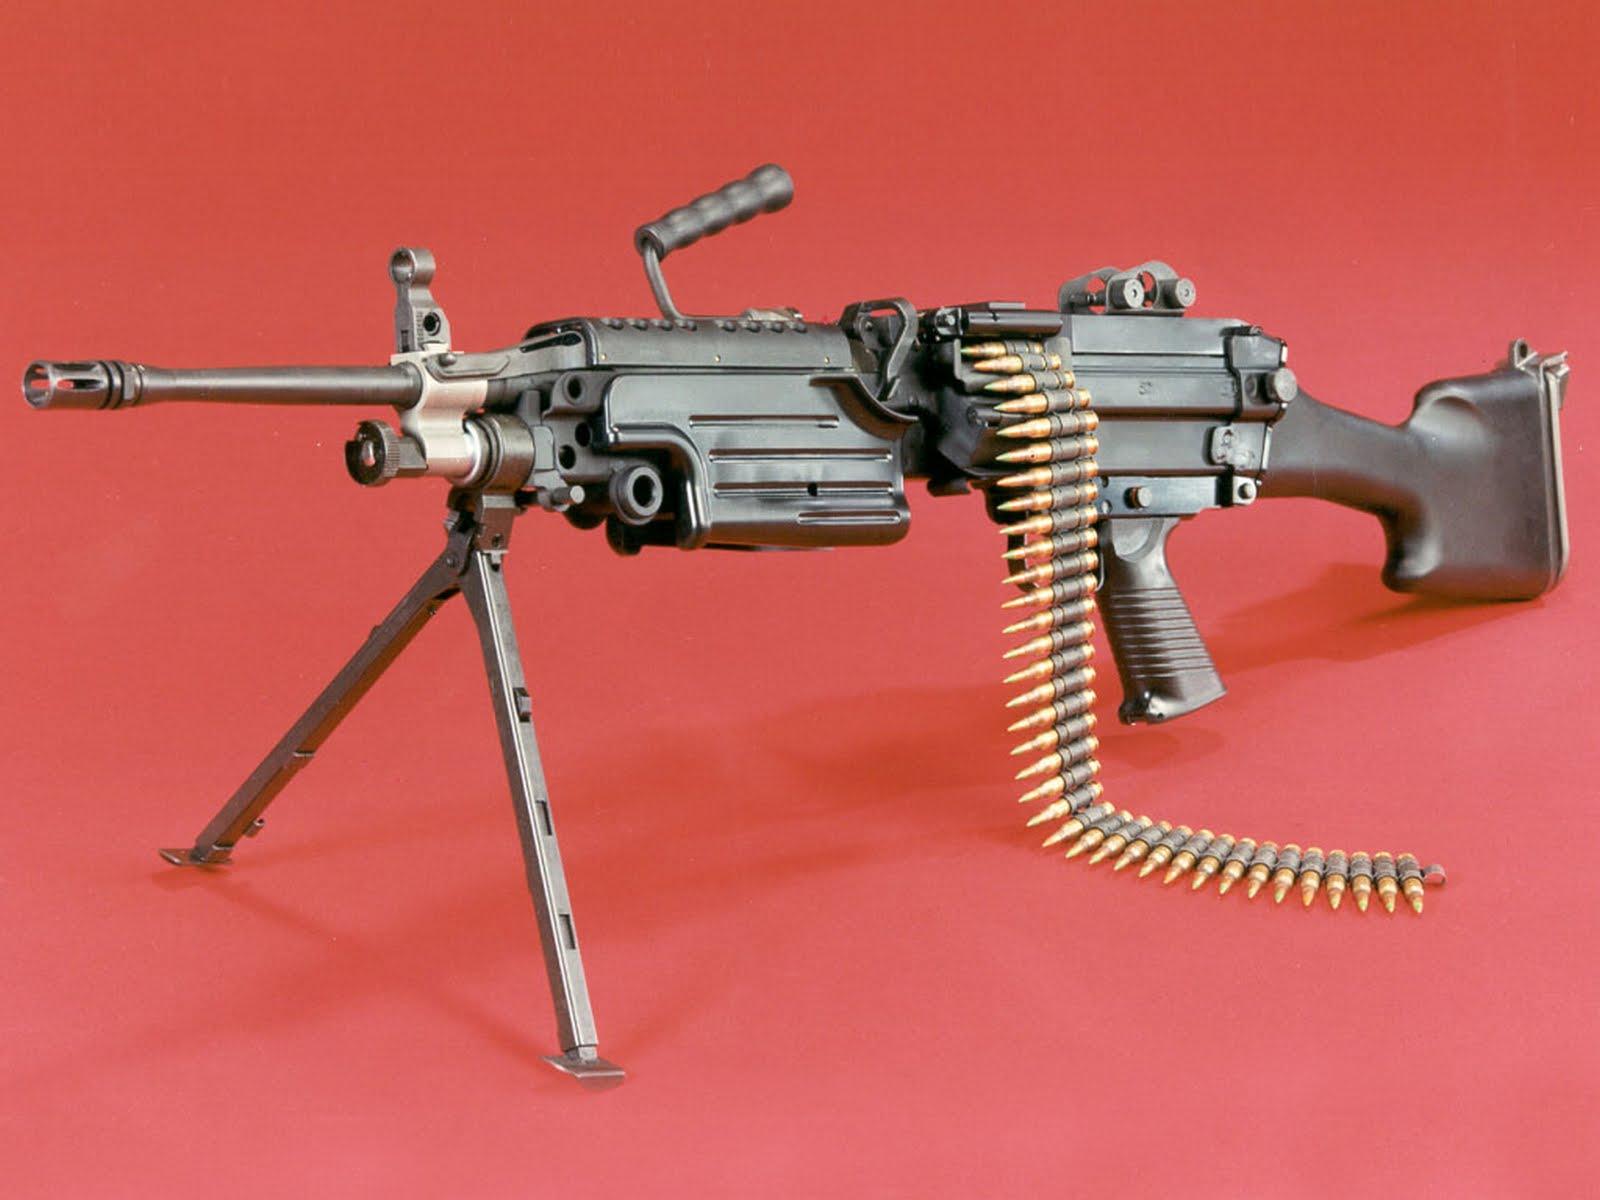 http://1.bp.blogspot.com/_HzAThb2RgMc/TKRLjWmZ0hI/AAAAAAAABOE/uzkyovl3Scs/s1600/wallpvip+Weapon++++00045.jpg